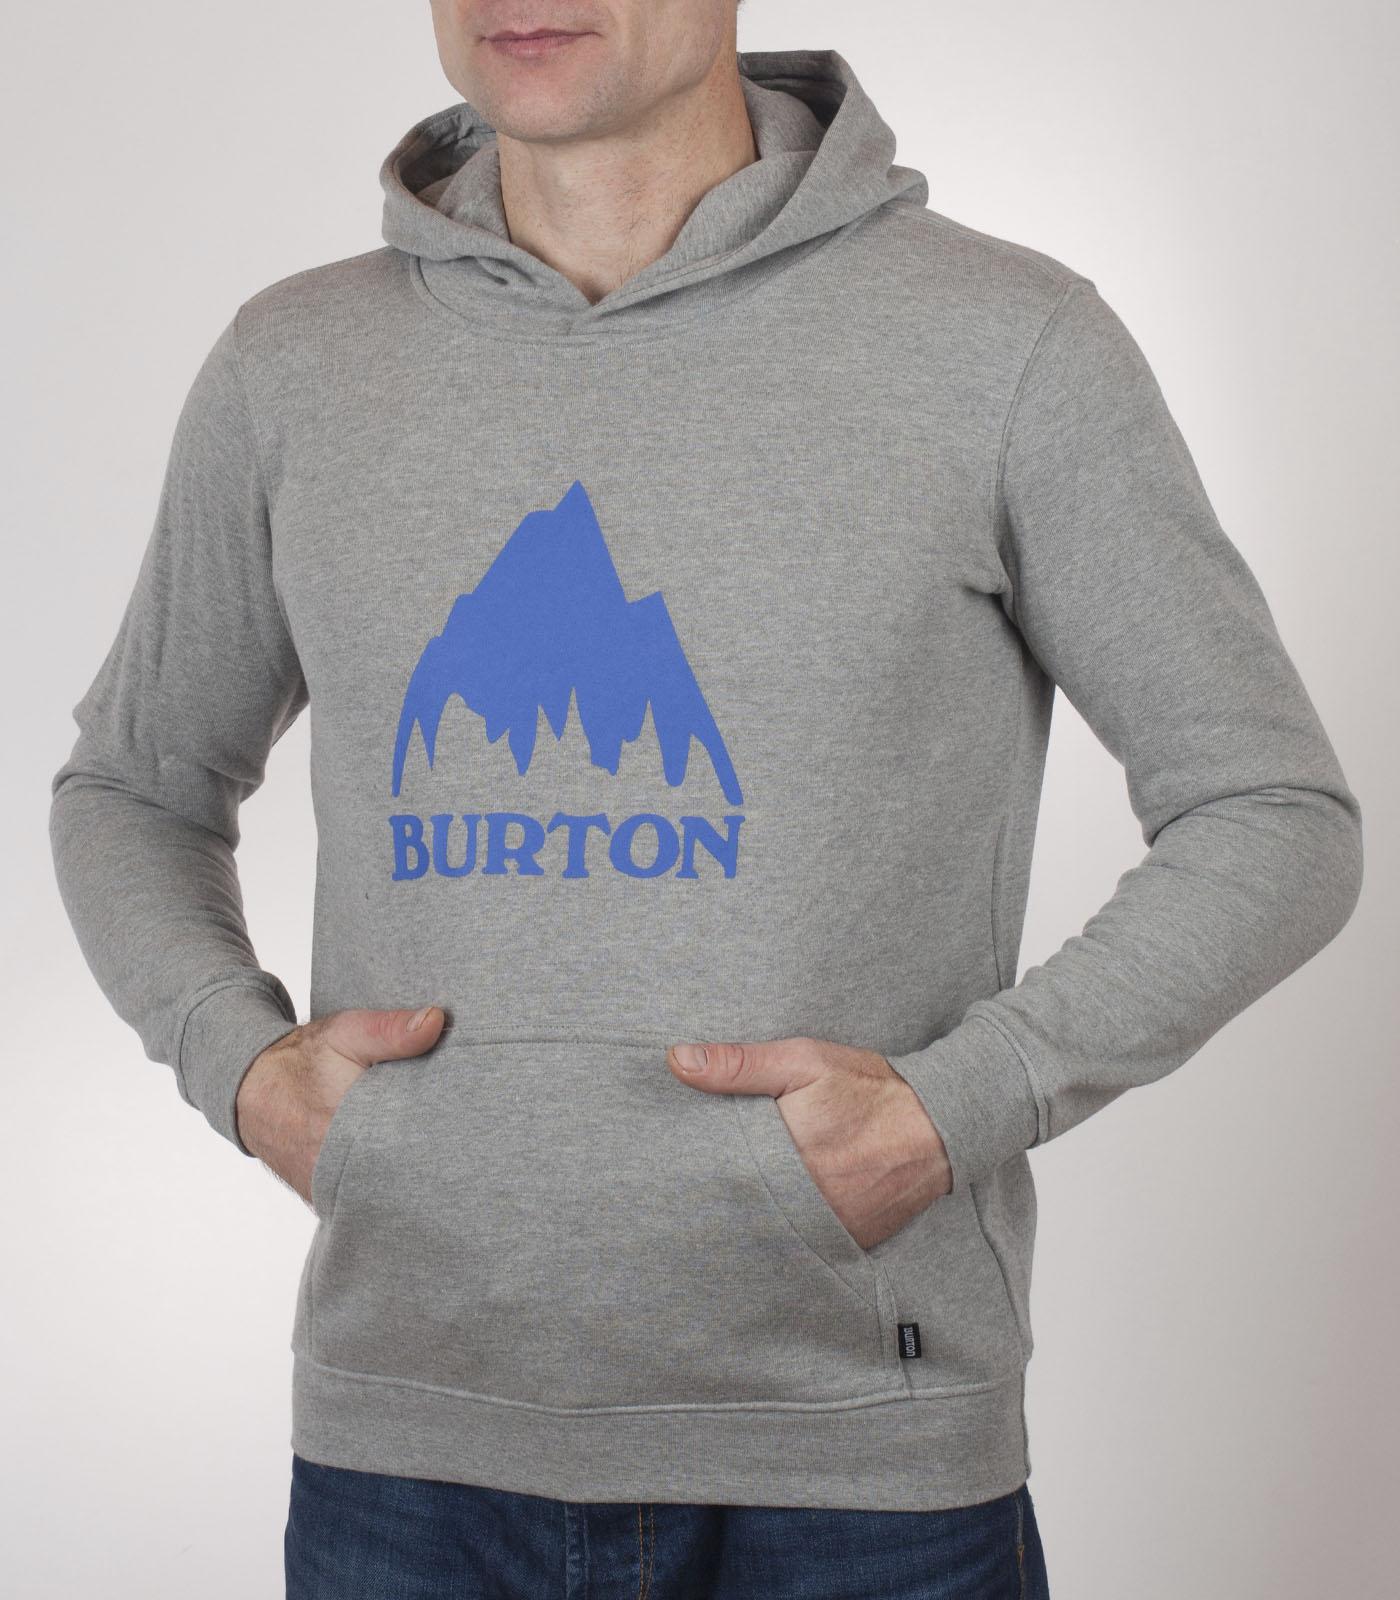 Толстовка Burton для юных модников. Детям и родителям понравится, заказывайте!